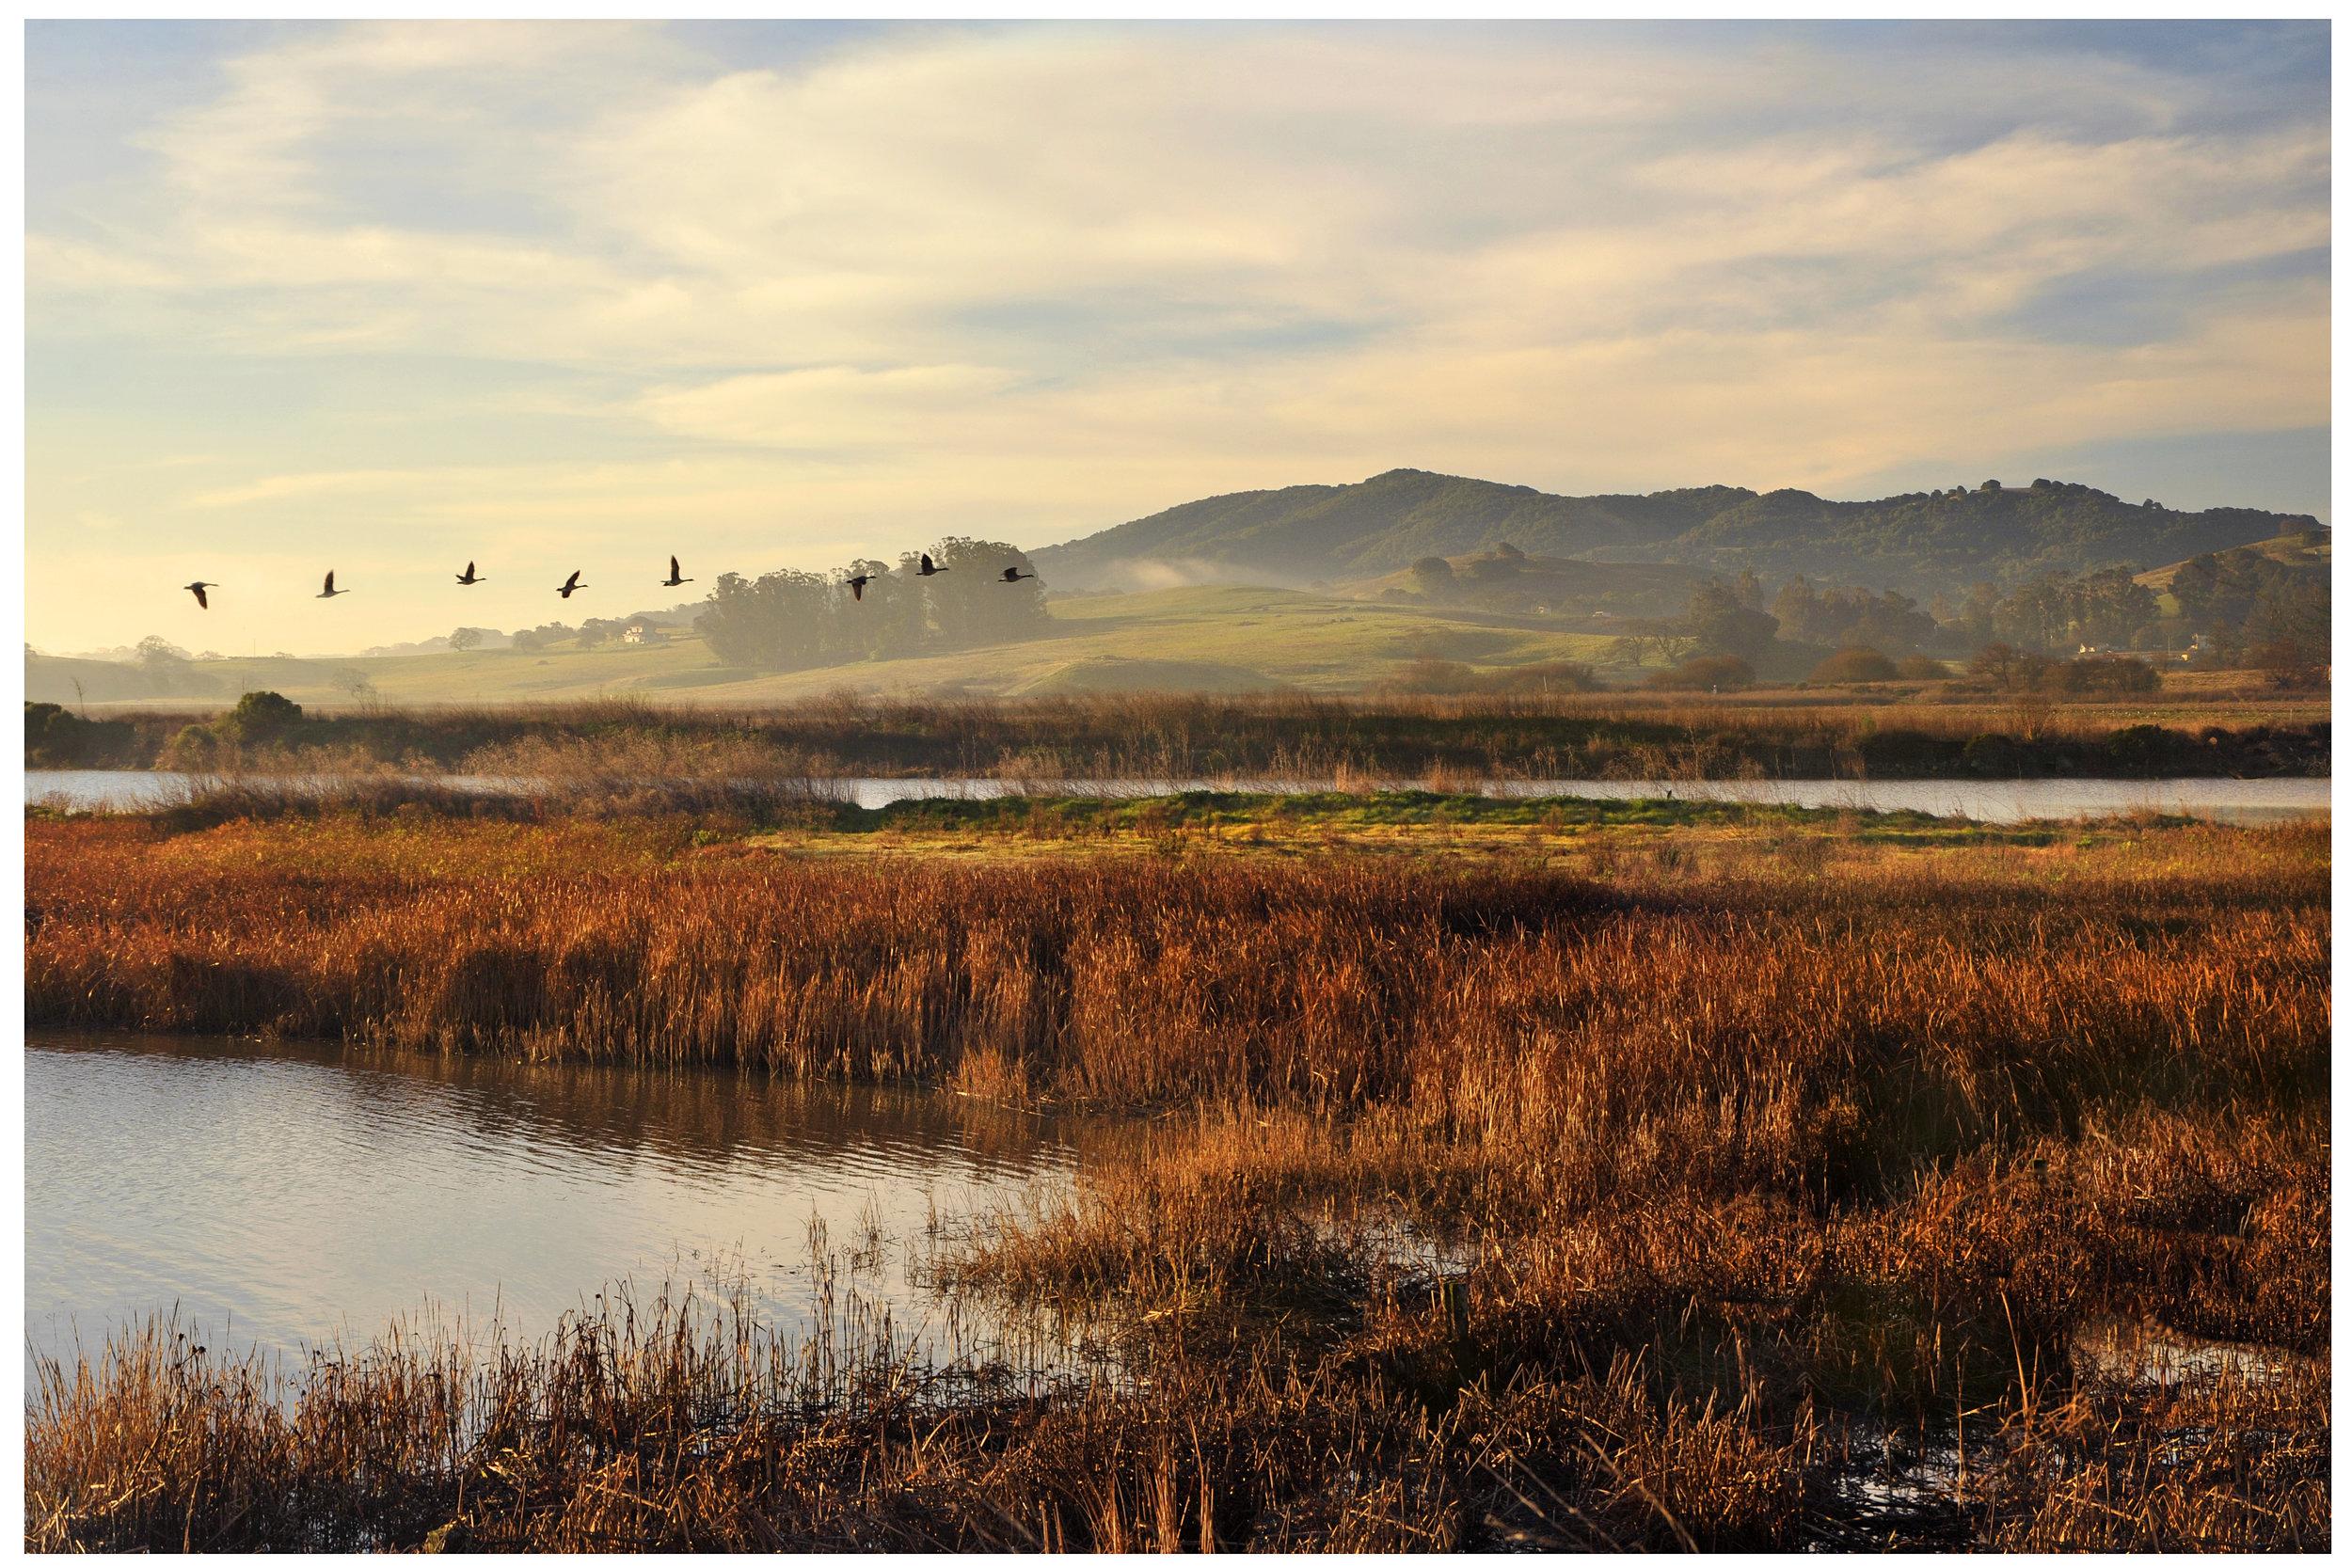 The Petaluma Marsh, photo by Scott Hess